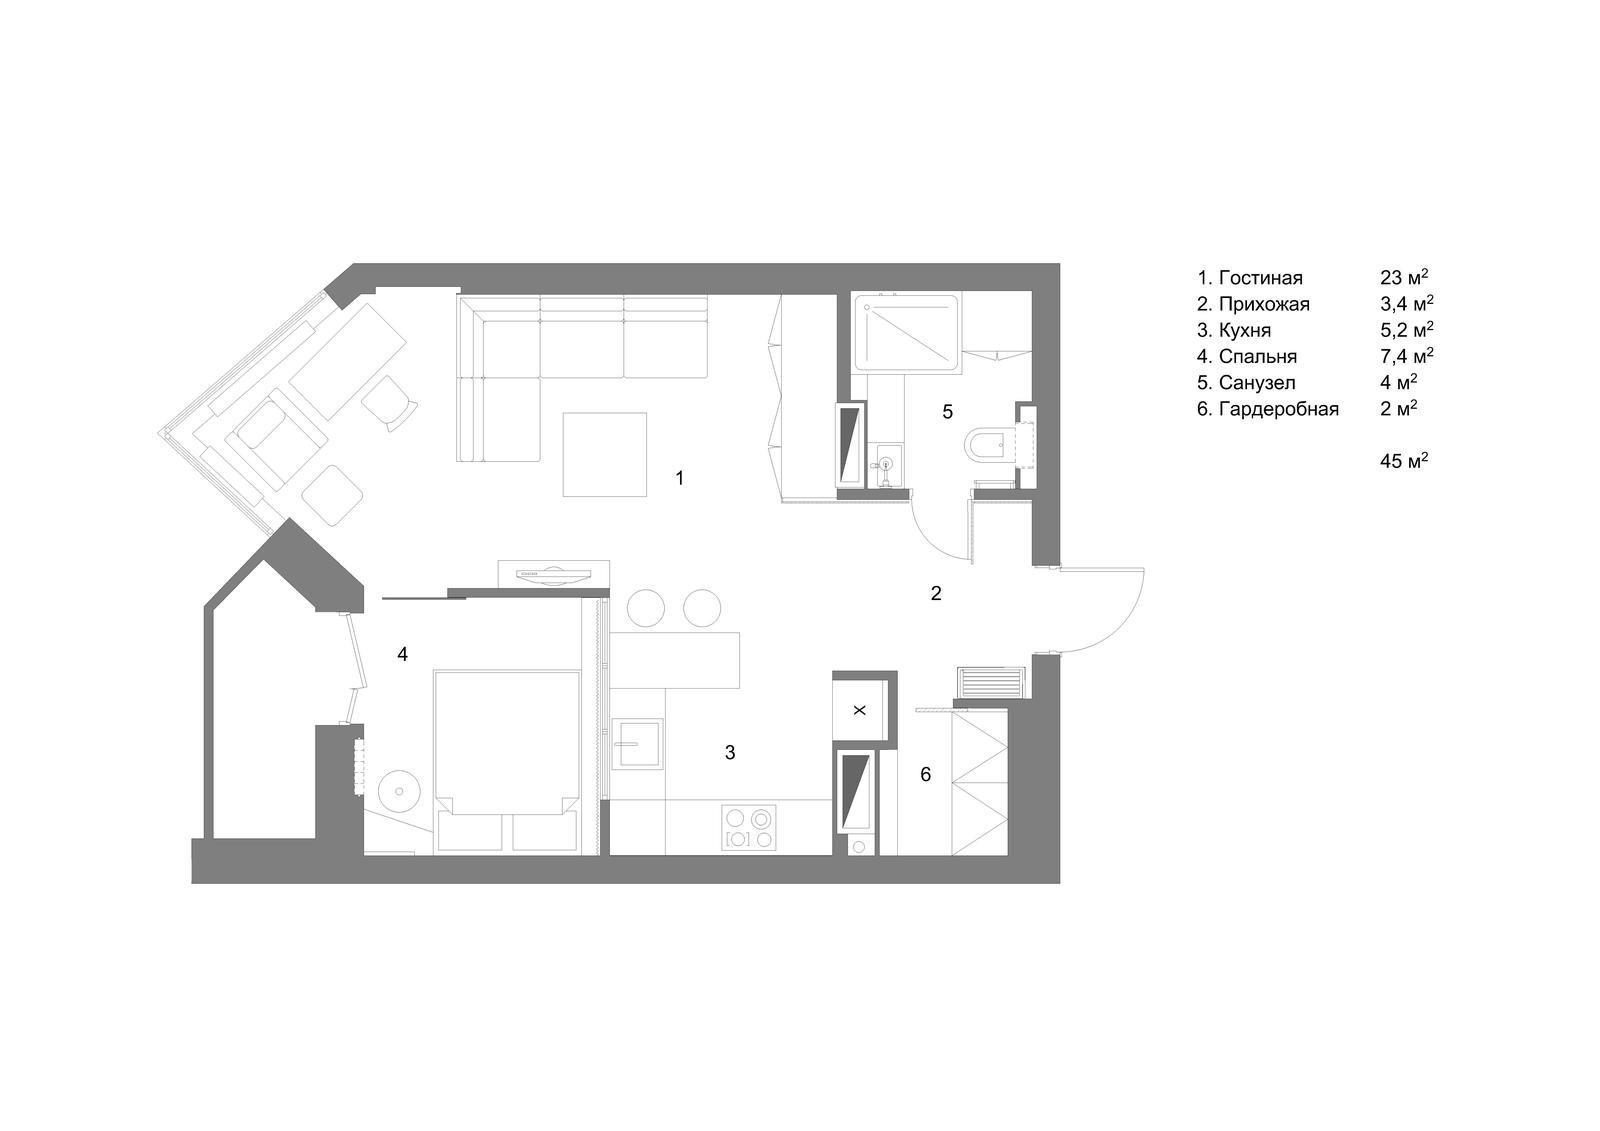 Смелый дизайн. Уютная квартира для небольшой семьи (ФОТО)